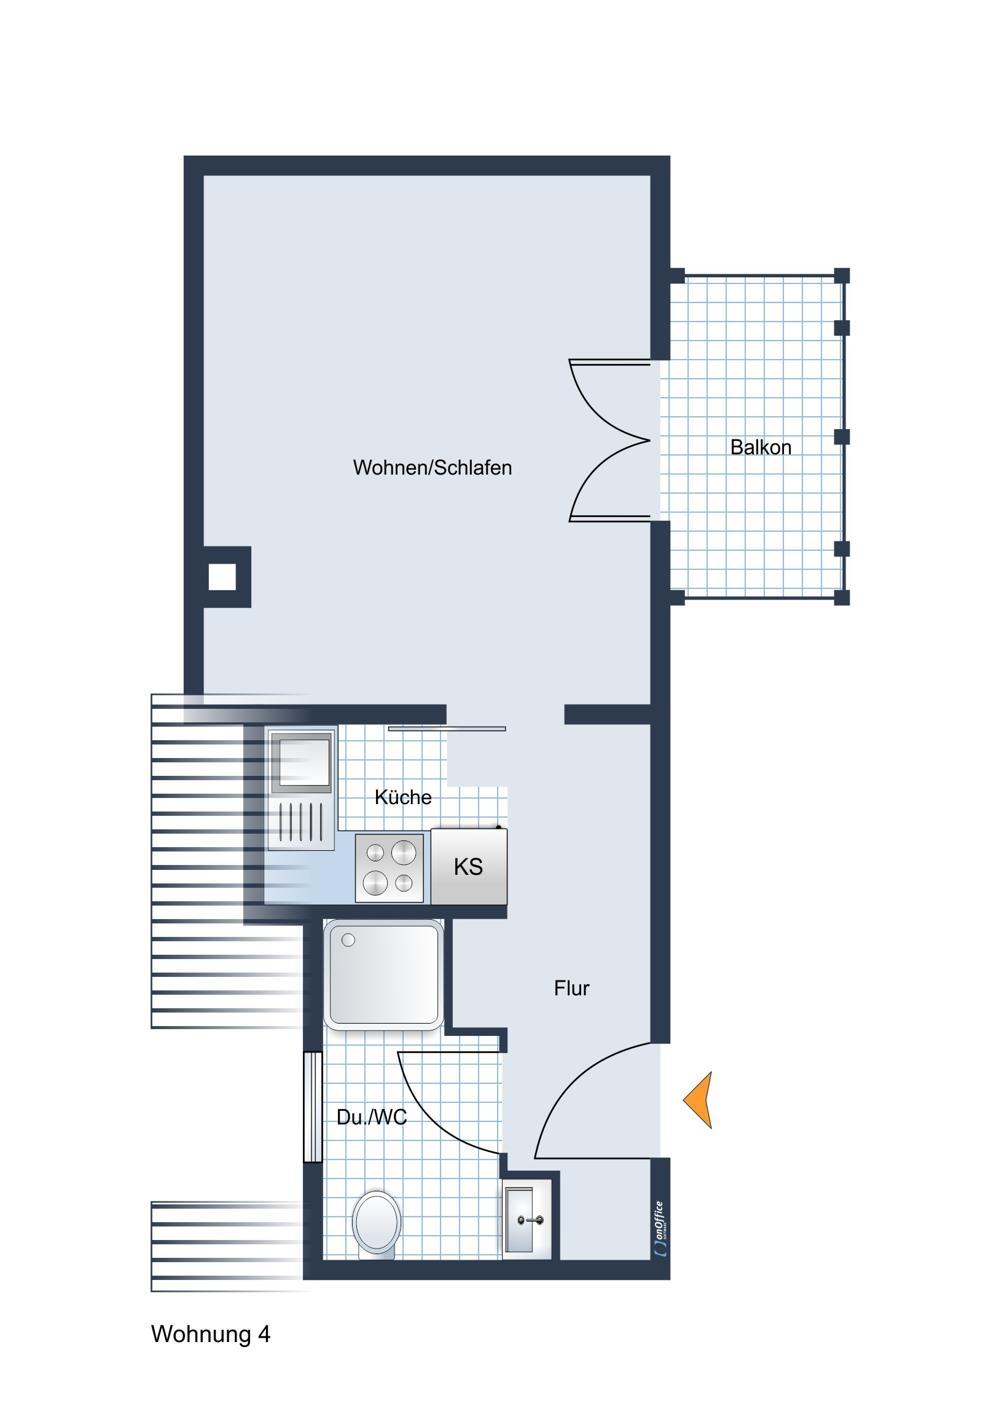 Wohnung 4, Dachgeschoss west